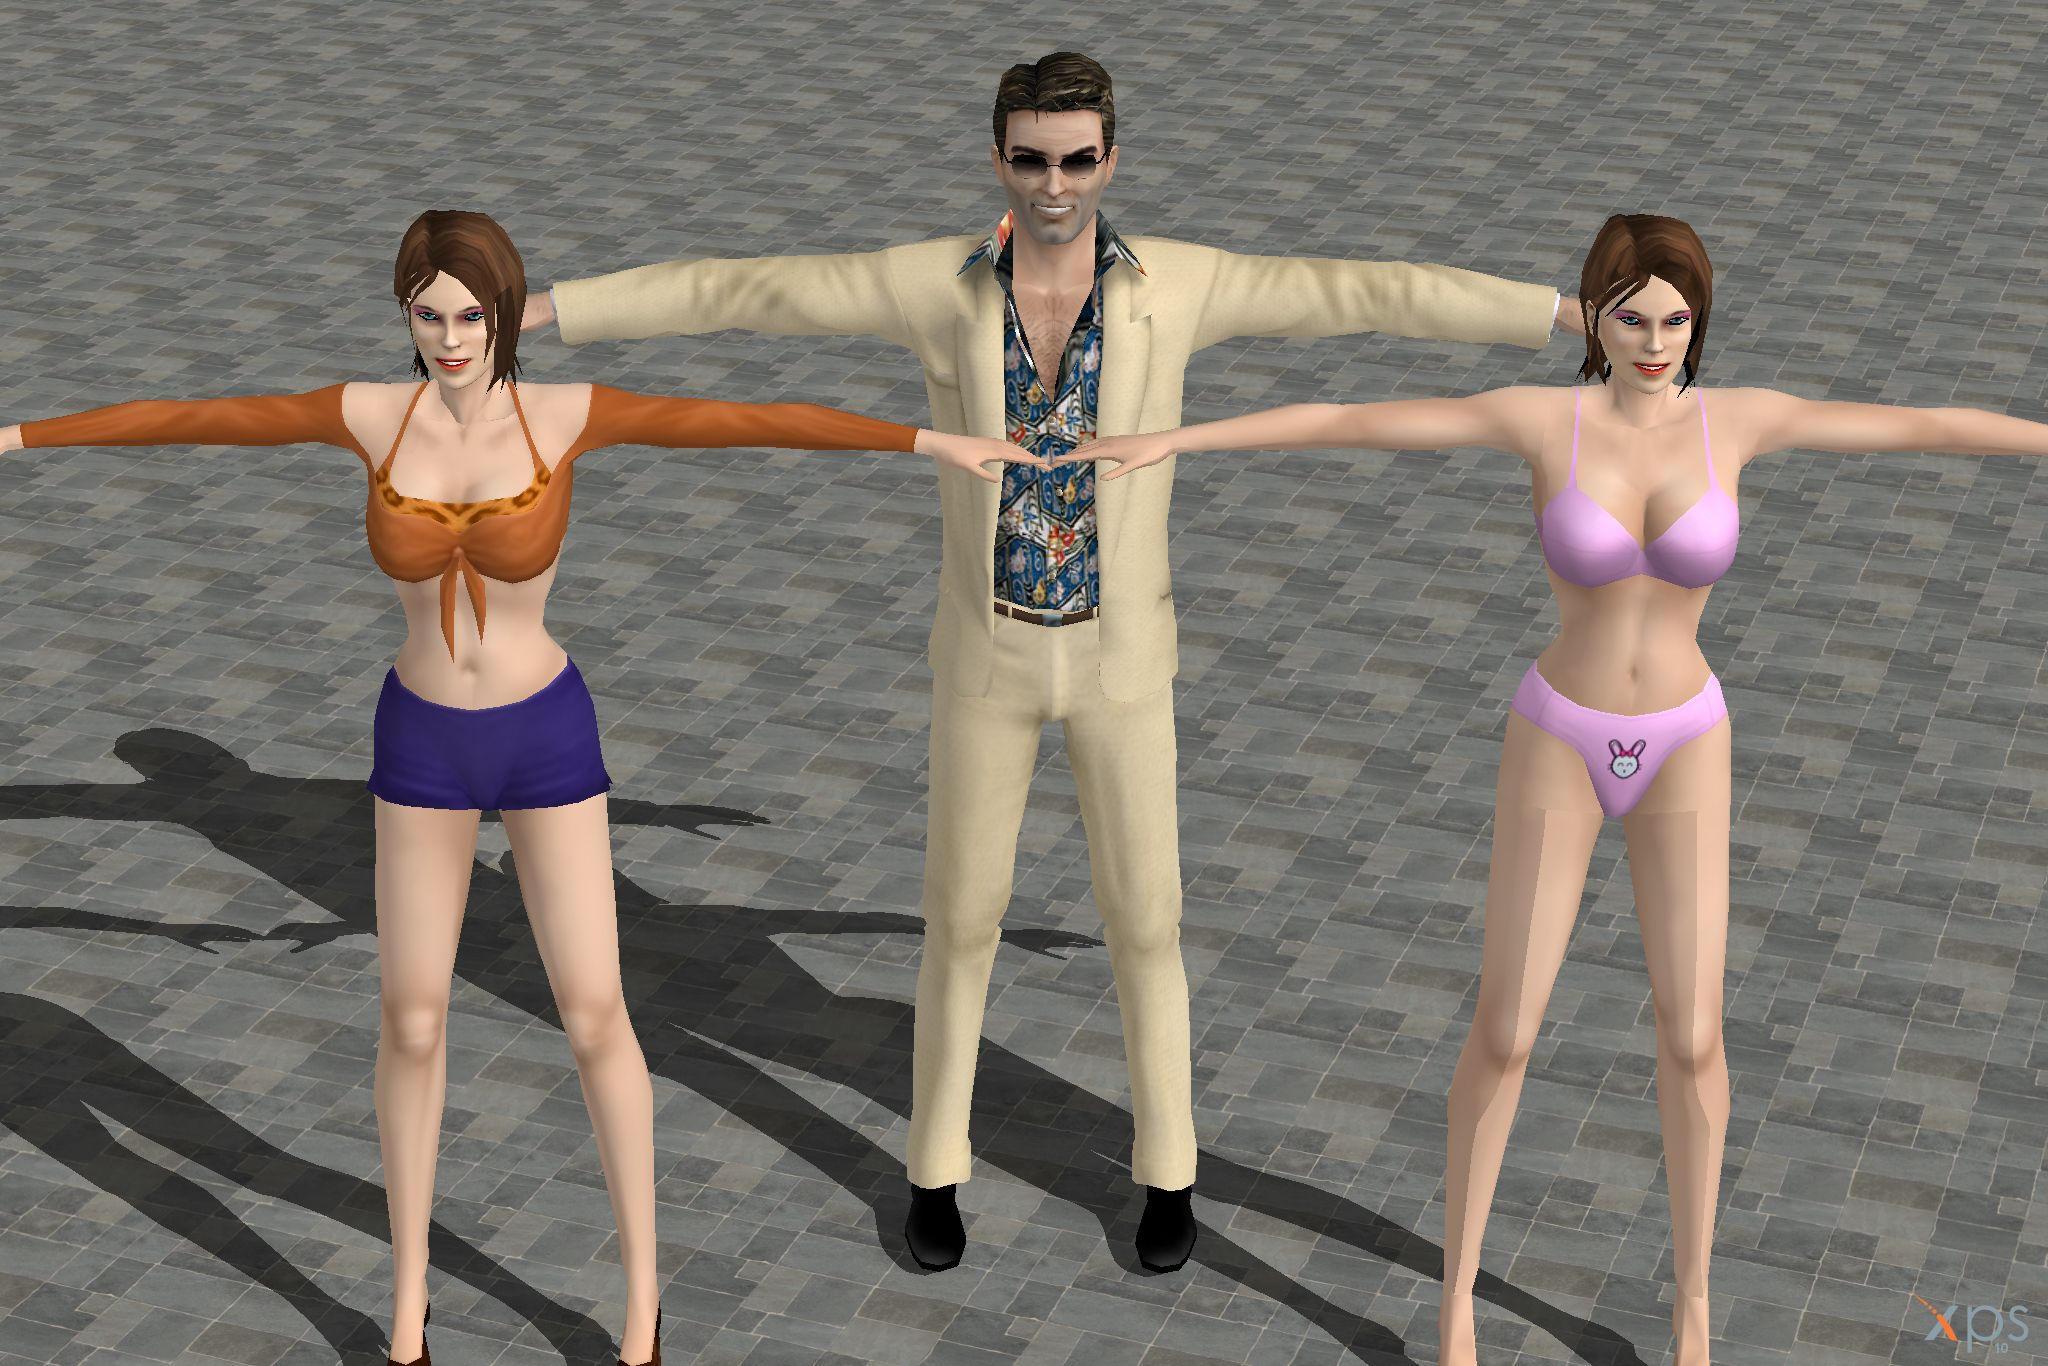 ut3 nude skins